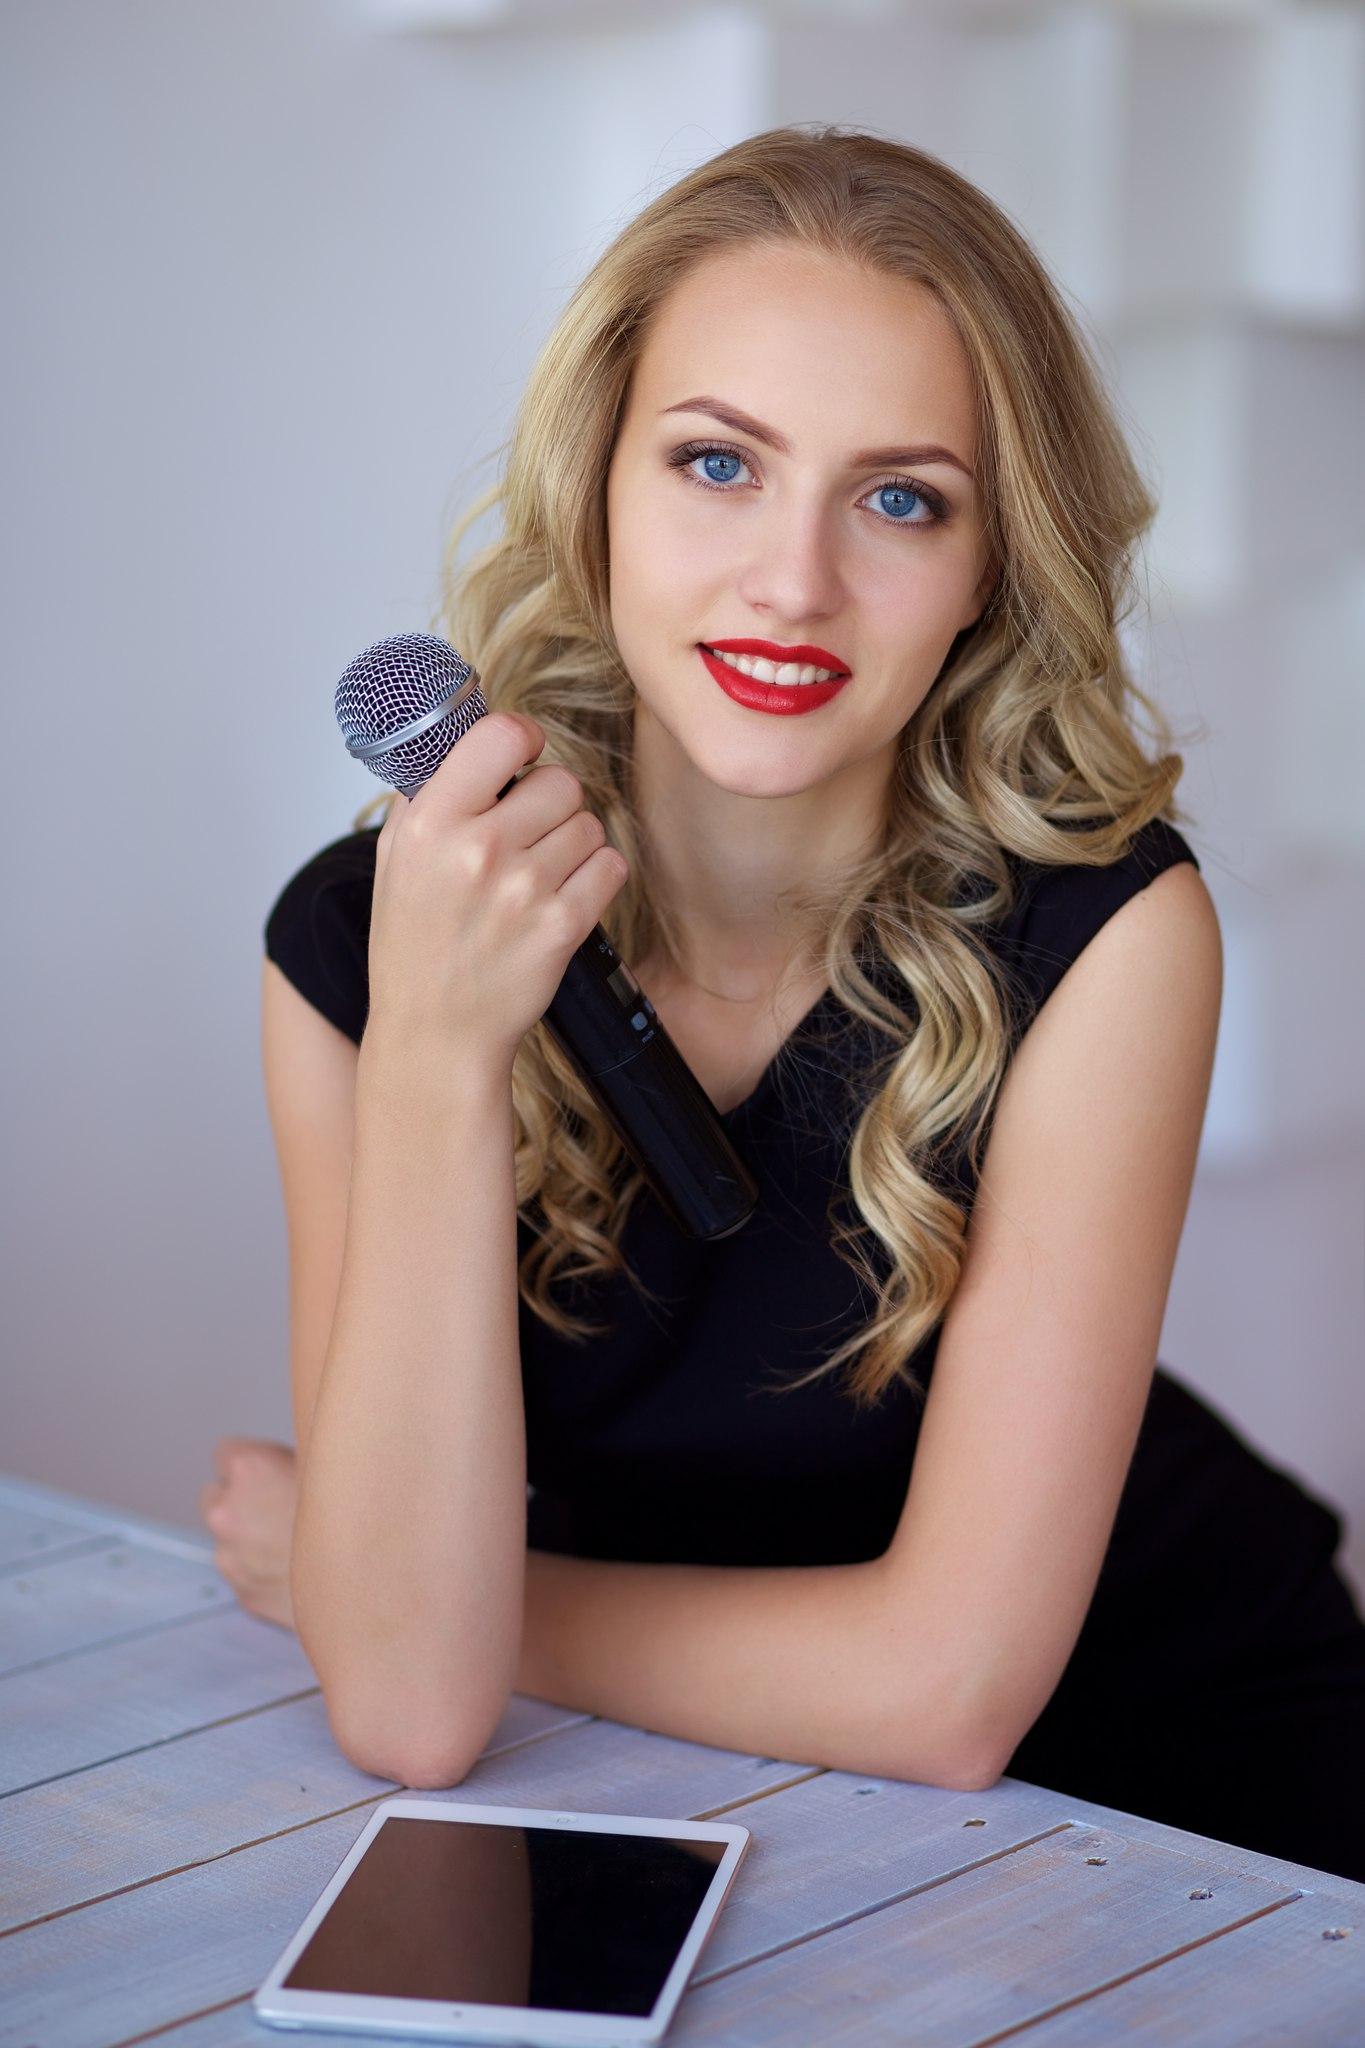 Татьяна Александровна Столярова, российская.. | Татьяна Столярова ... | 2048x1365